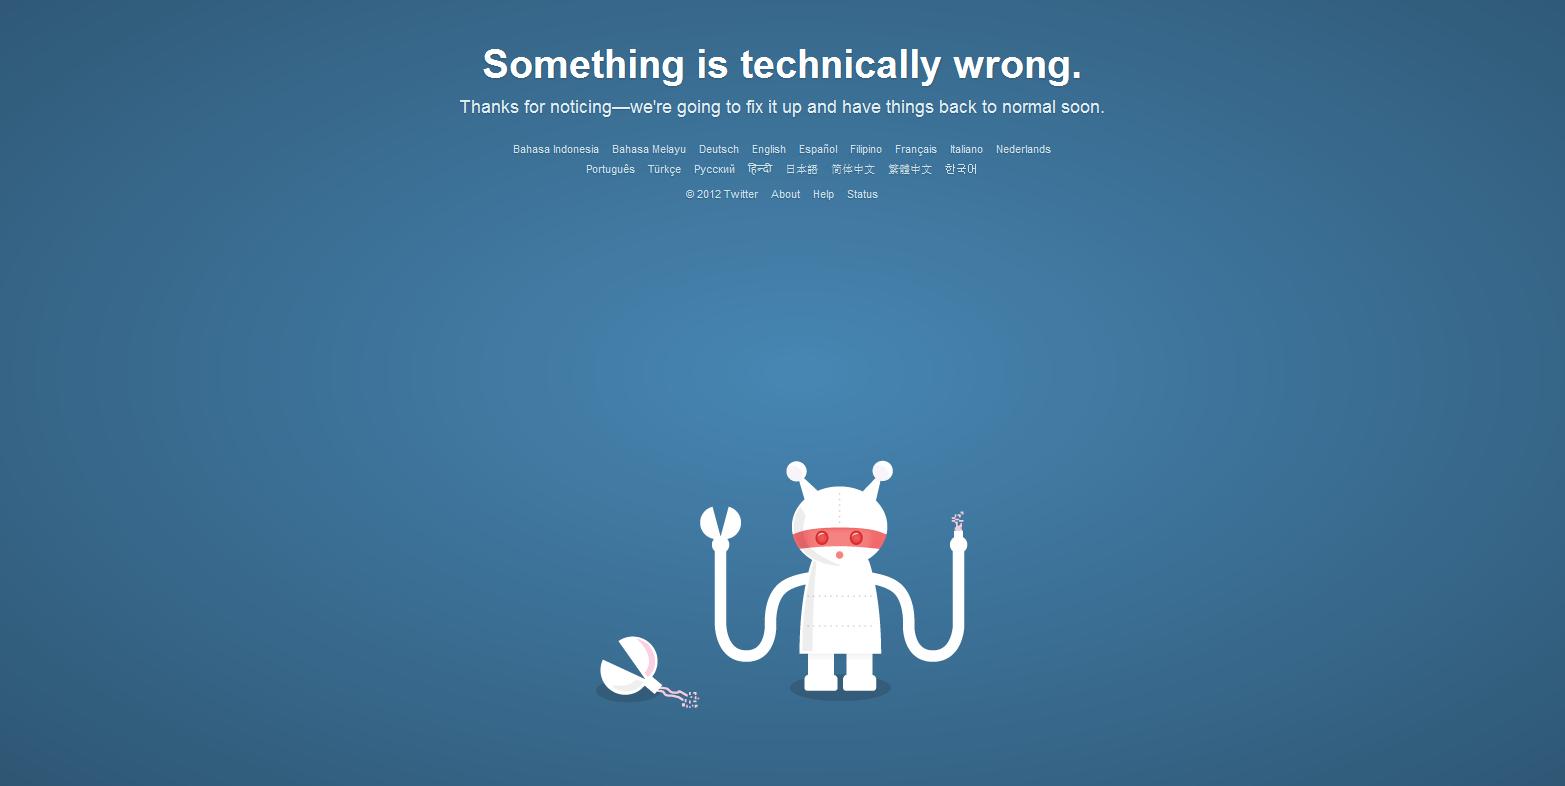 Mensaje de error de Twitter